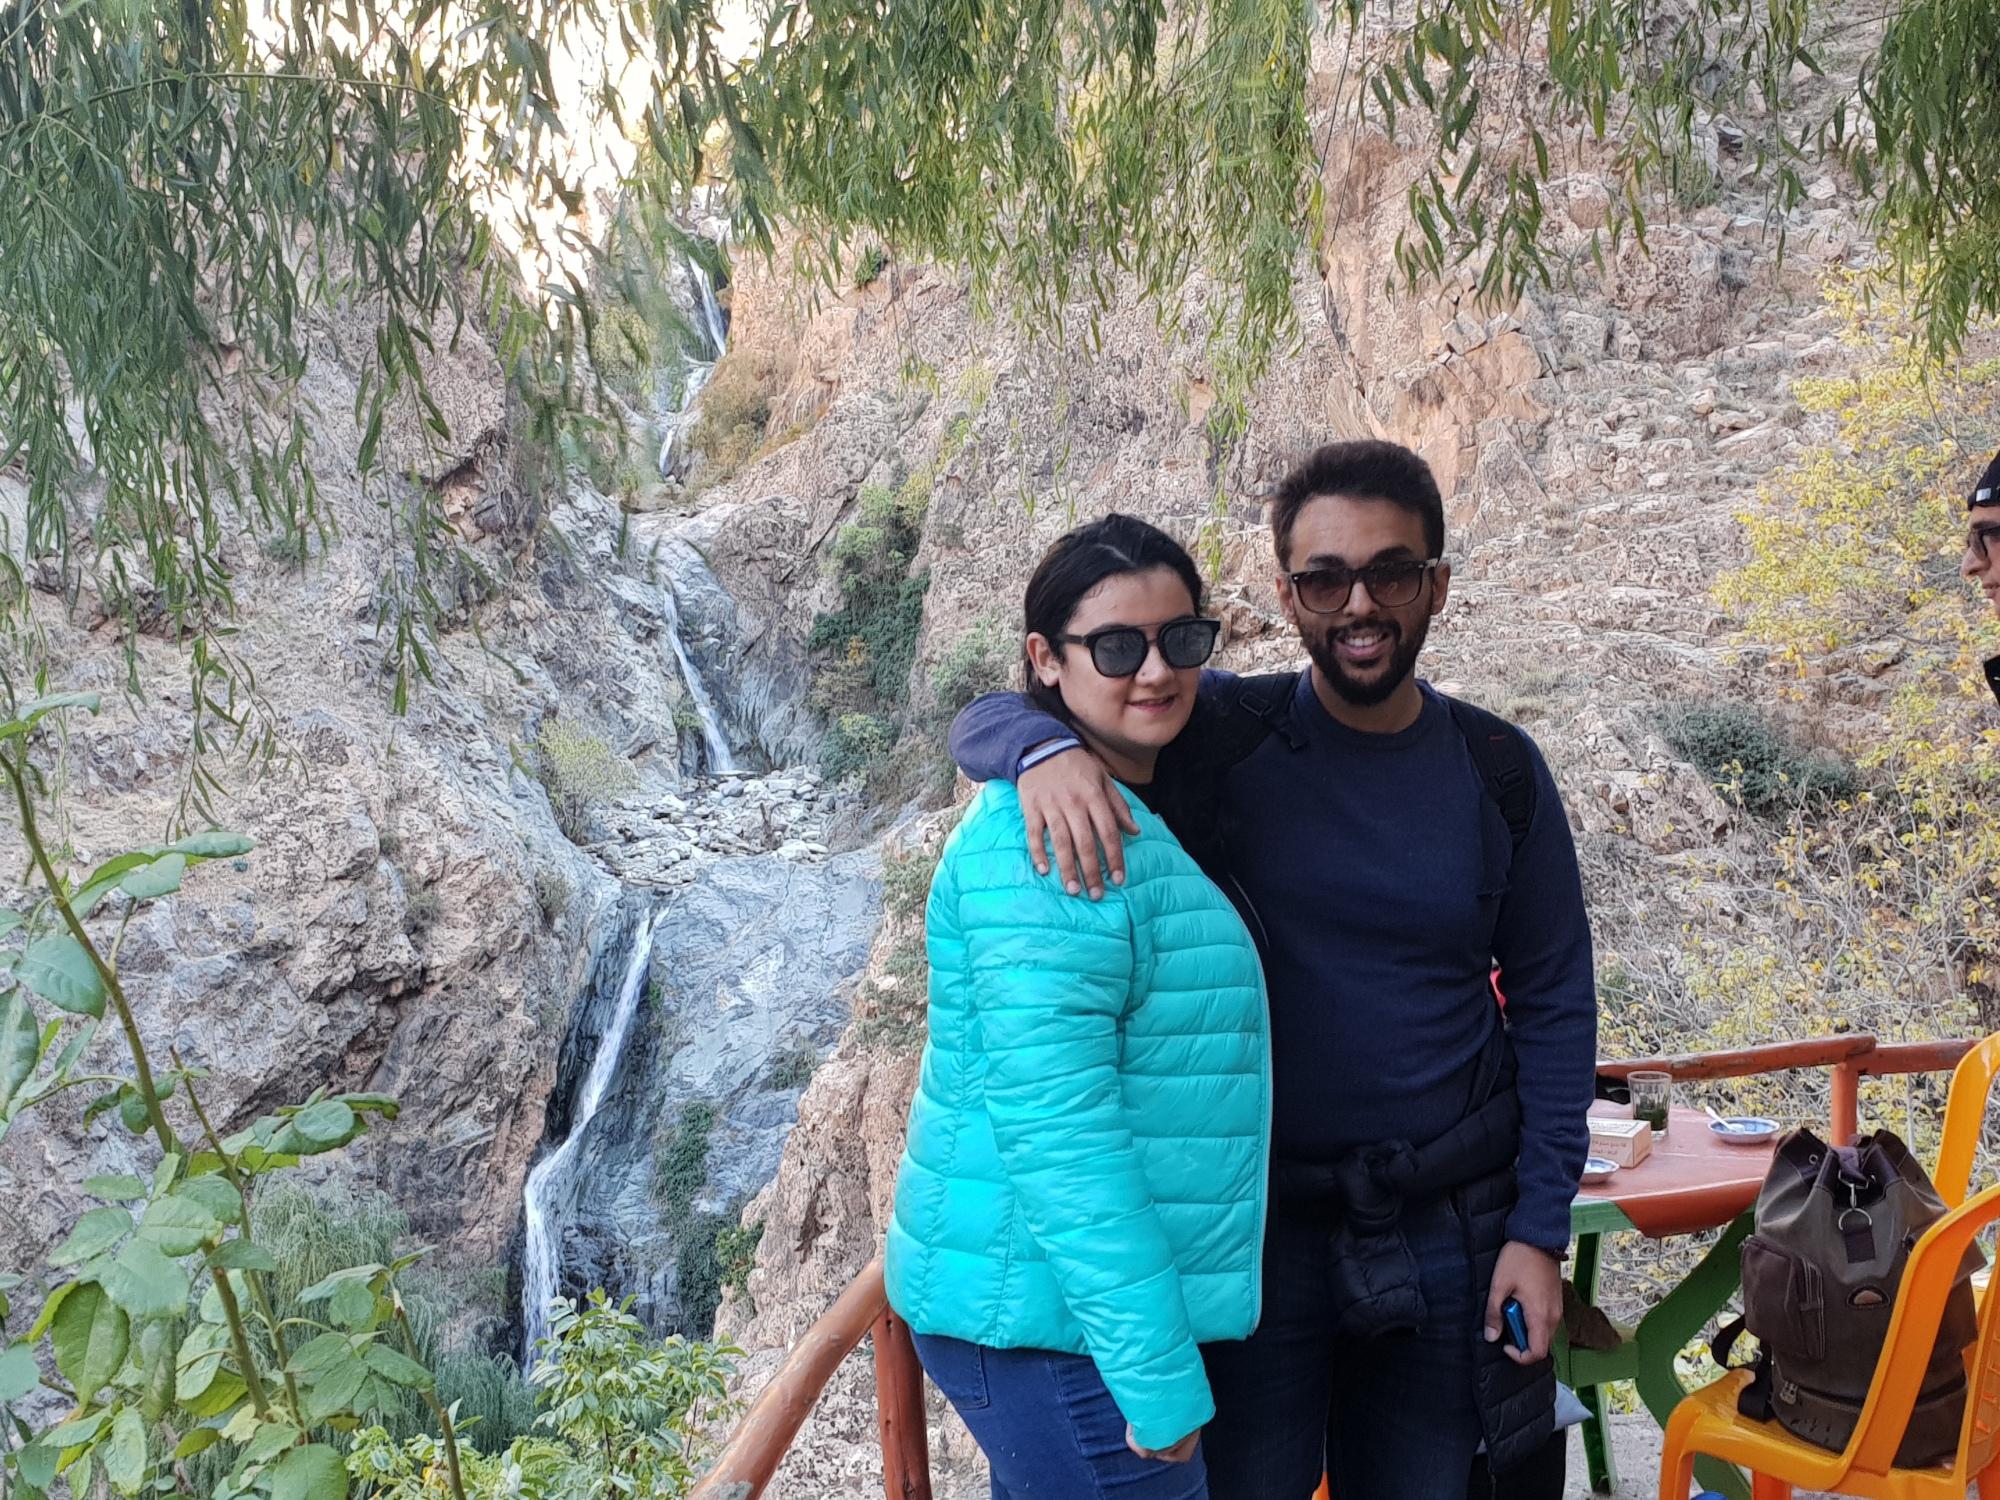 Sarah et Sami dans la terrasse d'un café avec, en arrière plan, les autres cascades de setti-Fatma dans la vallée d'Ourika près de Marrakech